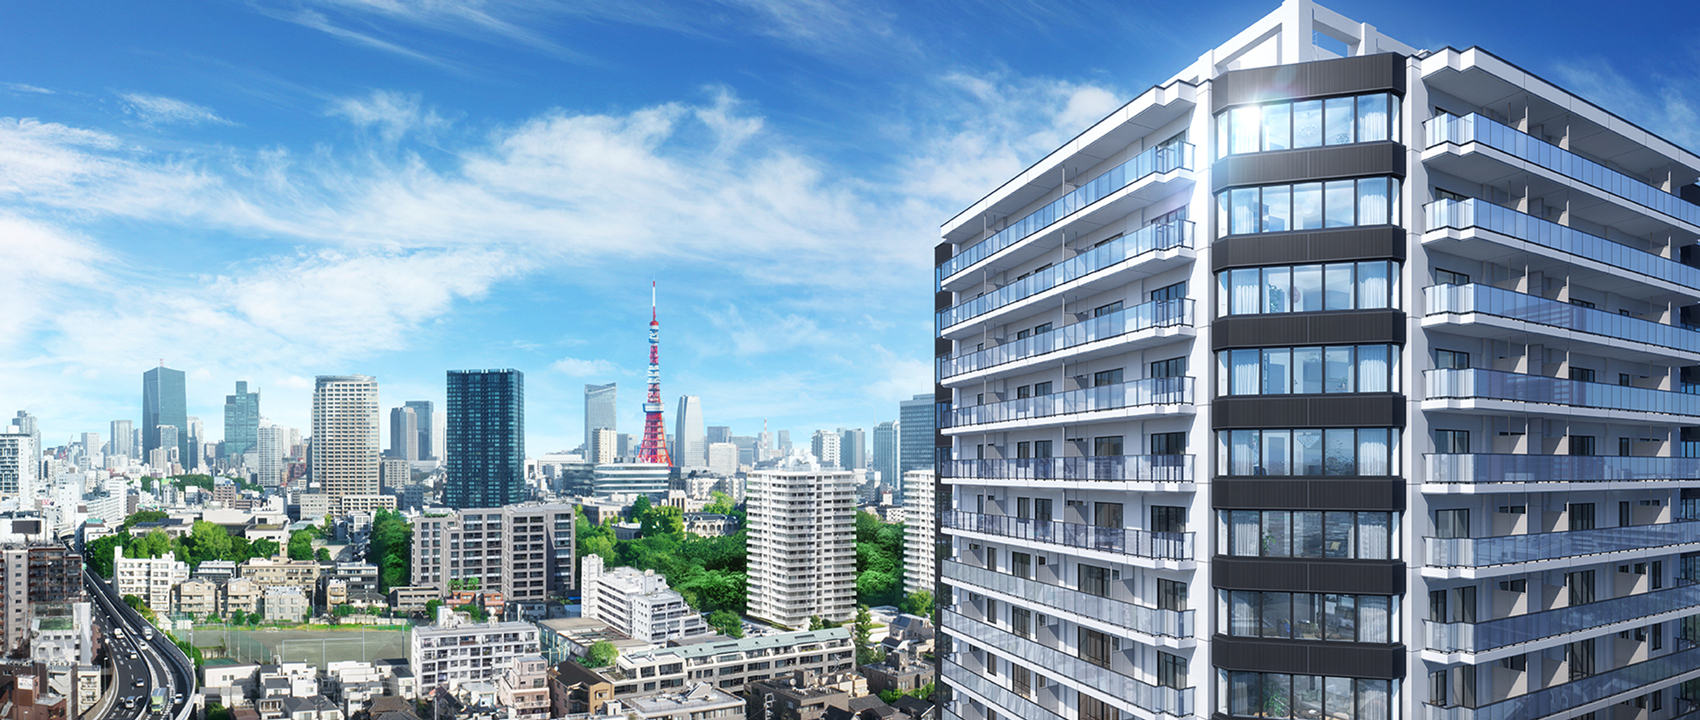 現地19階相当から北東方向の眺望(2018年11月撮影)に完成予想CGを合成したもので実際とは異なります